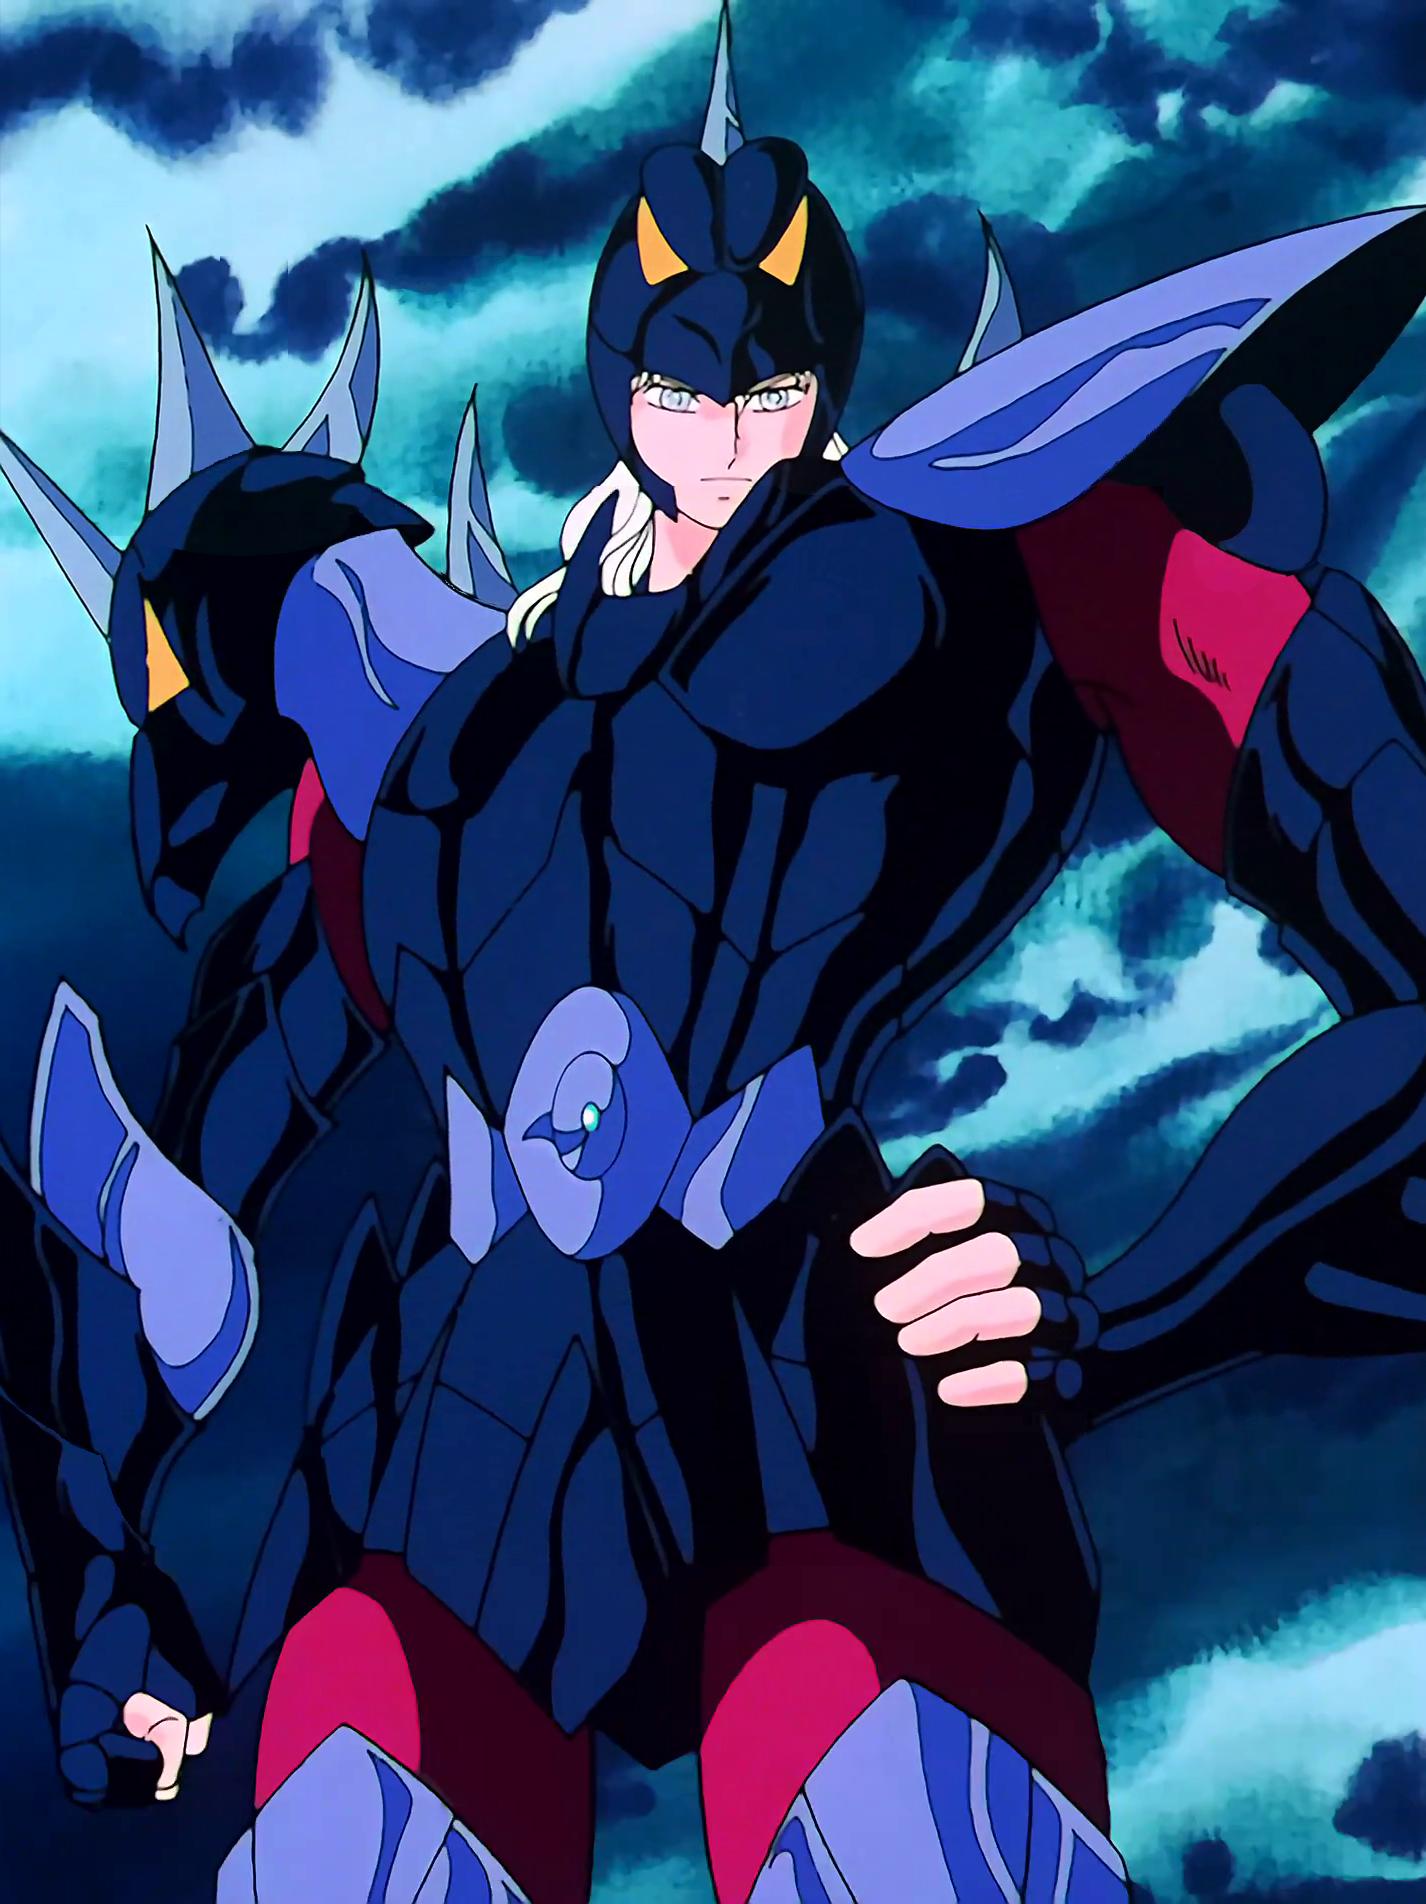 Jogo 01 - Saga de Asgard - A Ameaça Fantasma a Asgard Siegfried_de_dubhe_alfa